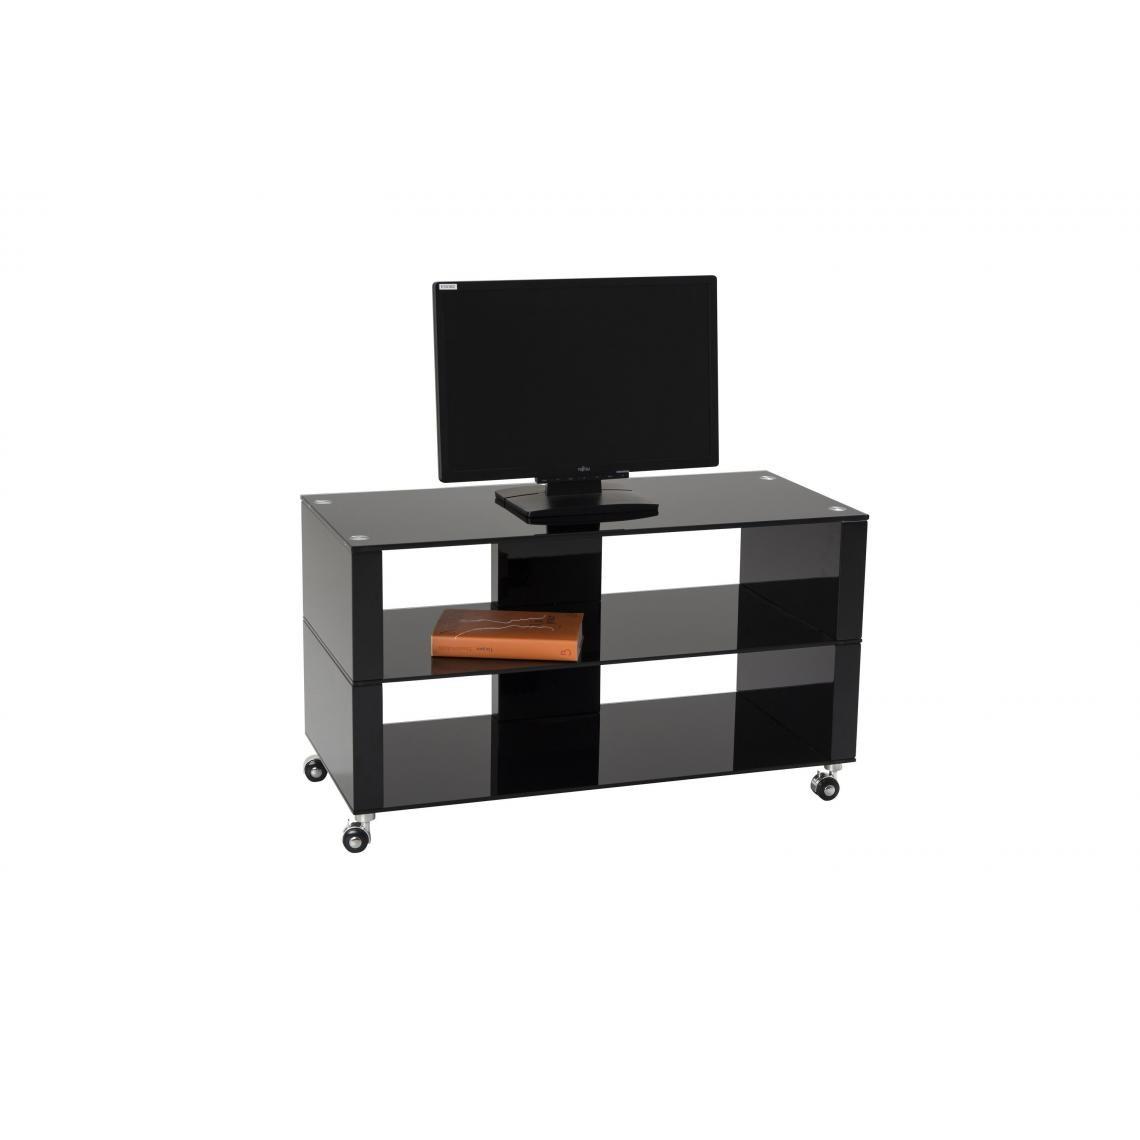 meuble tv a roulettes 90x42cm verre noir chelsea